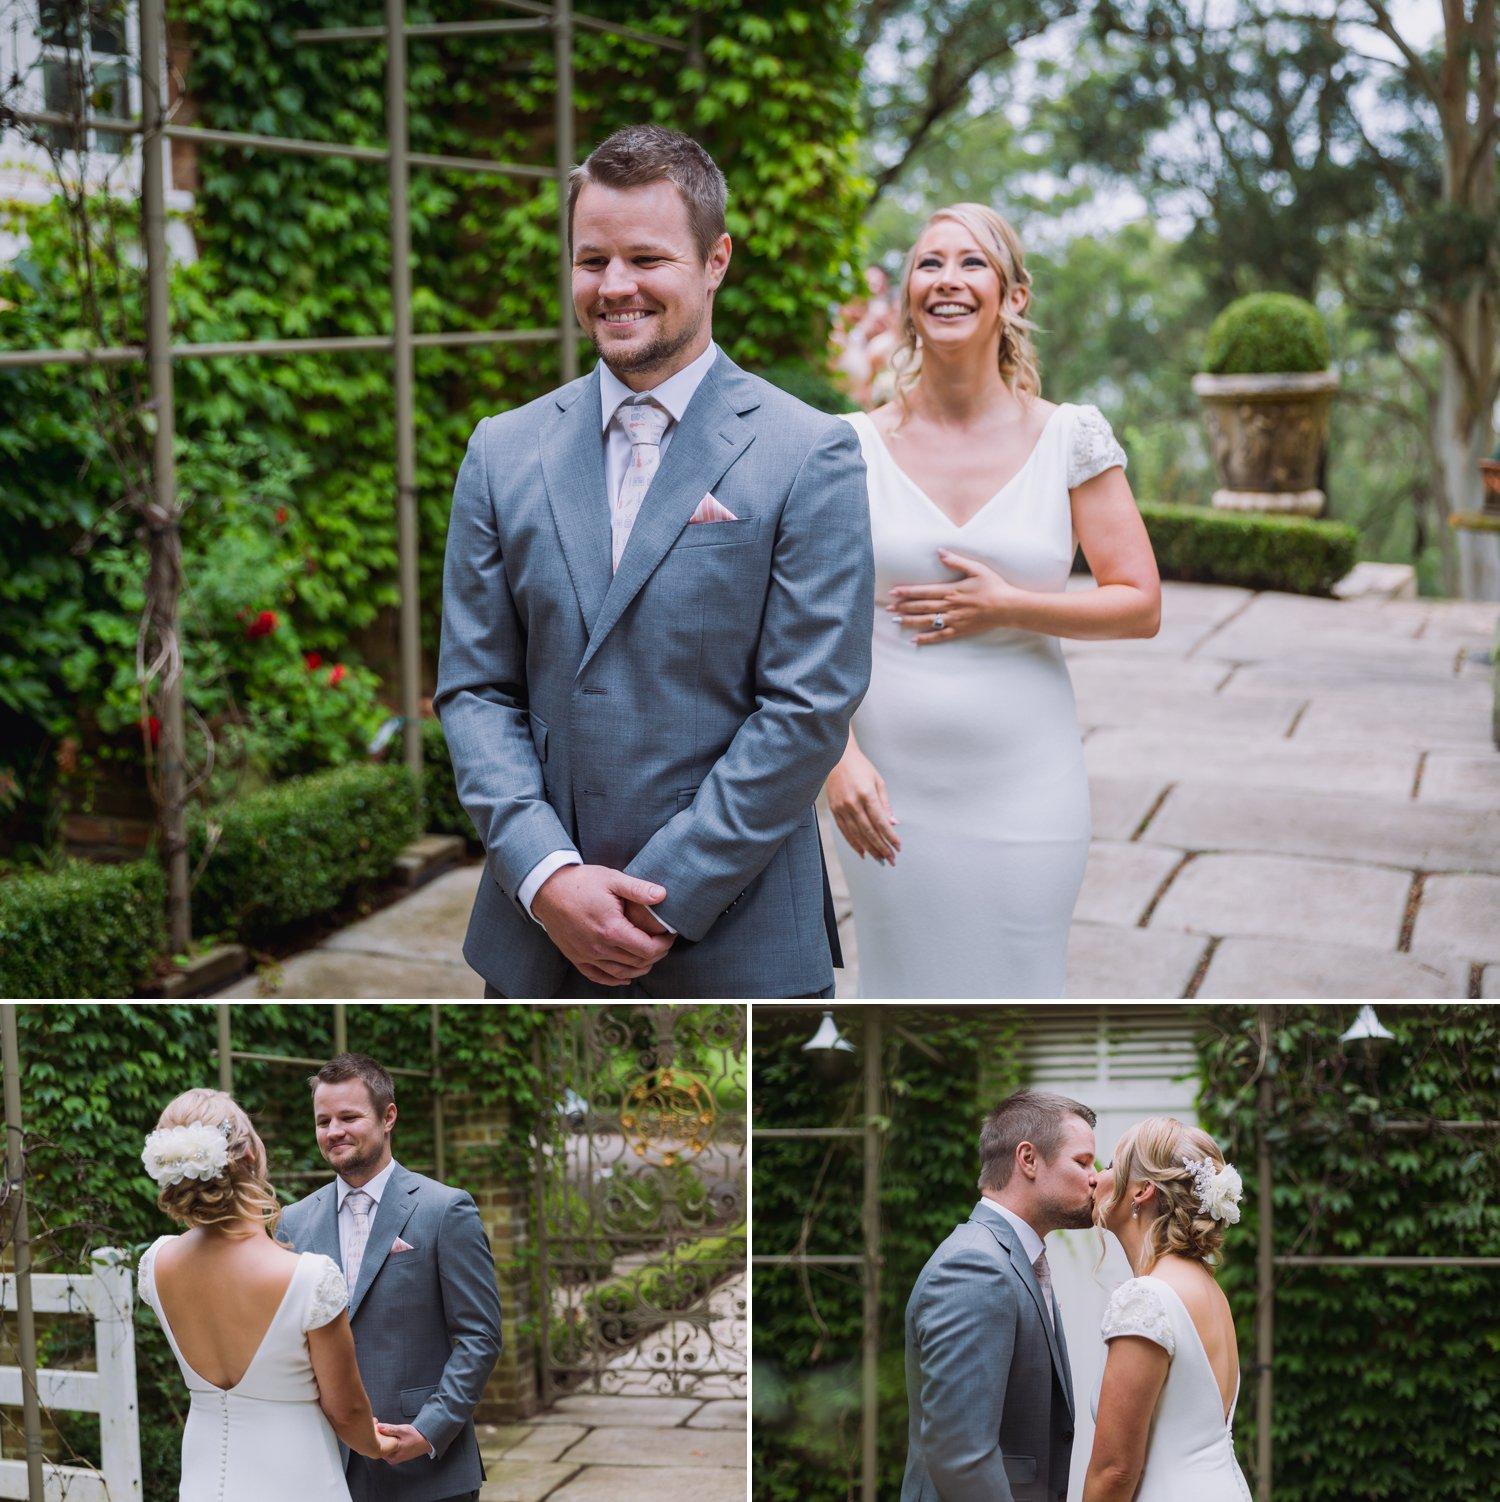 Sarah & Justin - Milton Park Wedding Photography 20.jpg